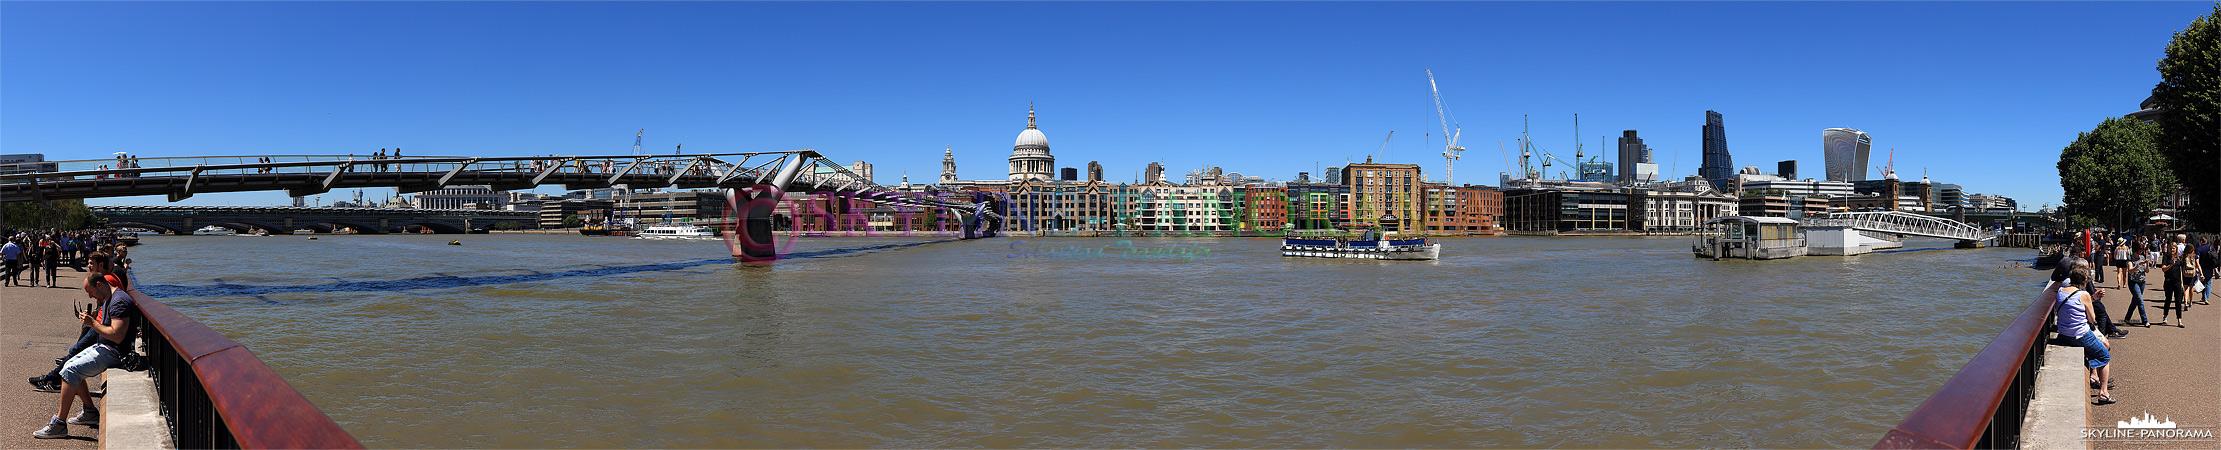 Bilder aus England - Panorama der City of London vom Ufer der Themse mit der Millennium Bridge und der St Paul's Cathedral an einem wunderbaren Sommertag.